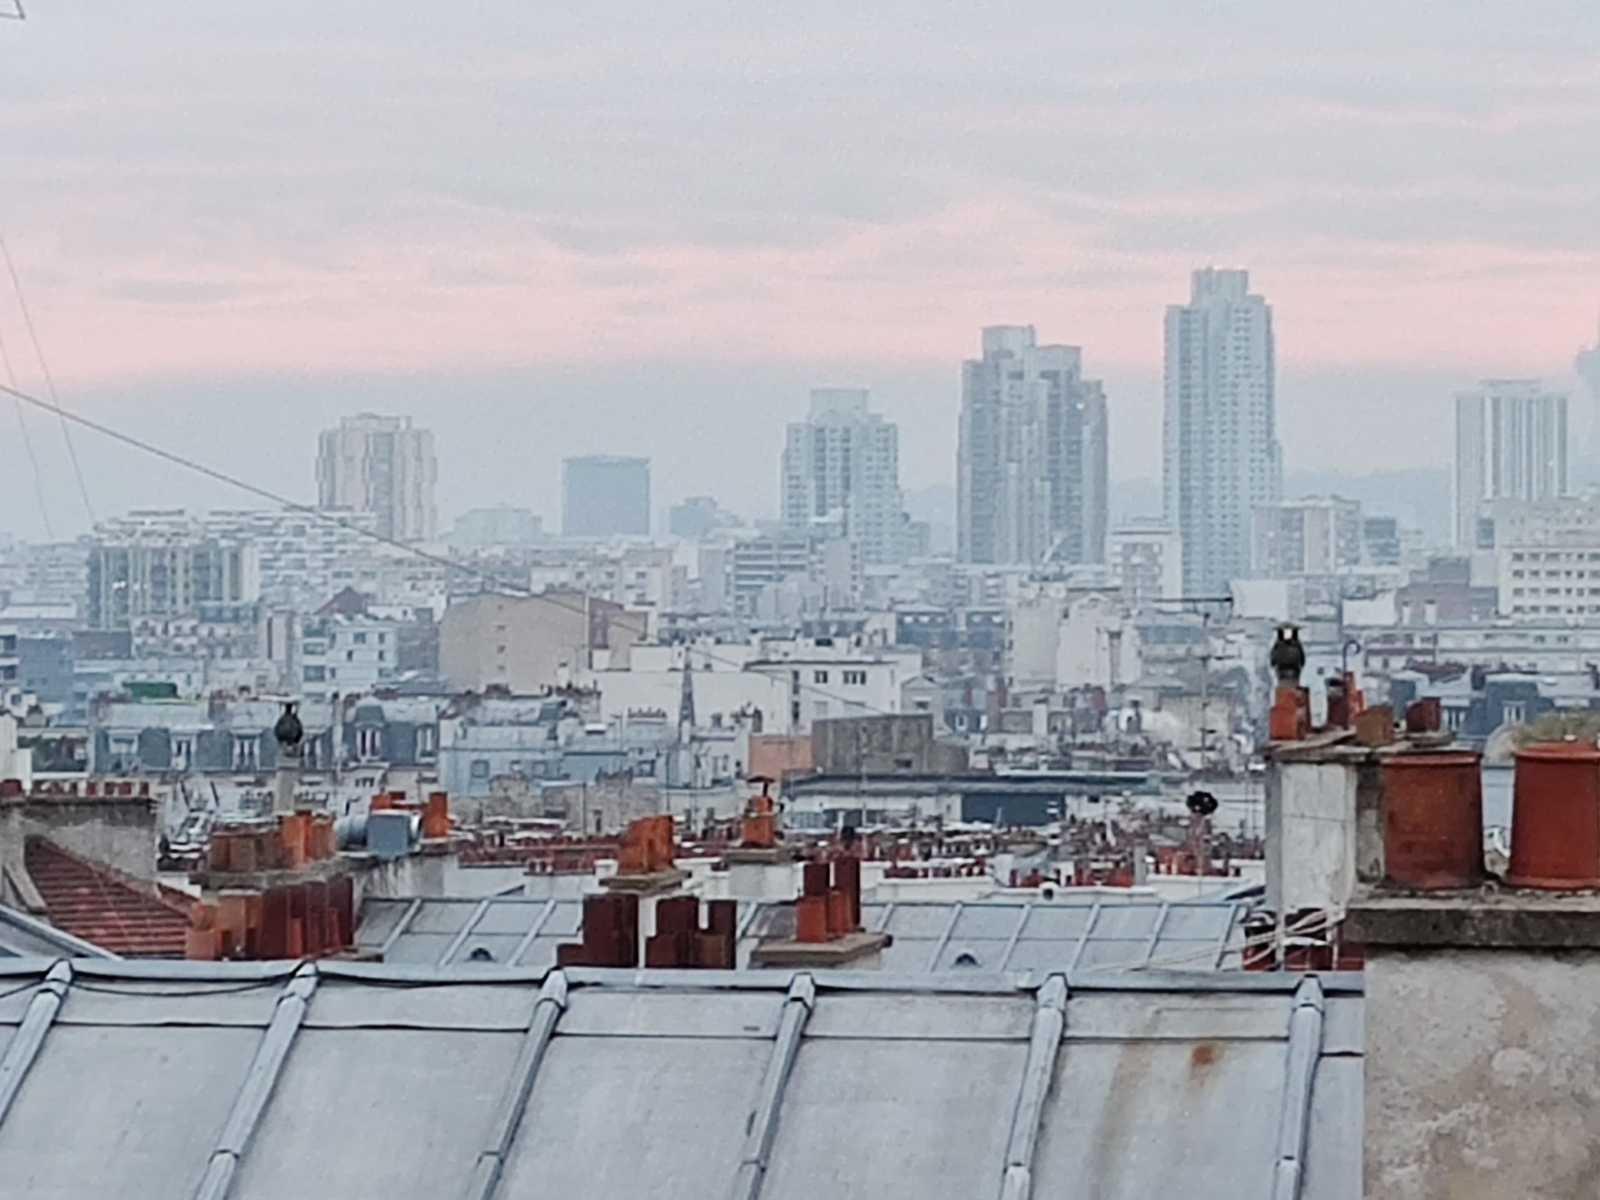 Sicht über Häuserdächer Paris Montmartre Sacre Coeur Miethaie Marchands de sommeils. Smog am Horizont